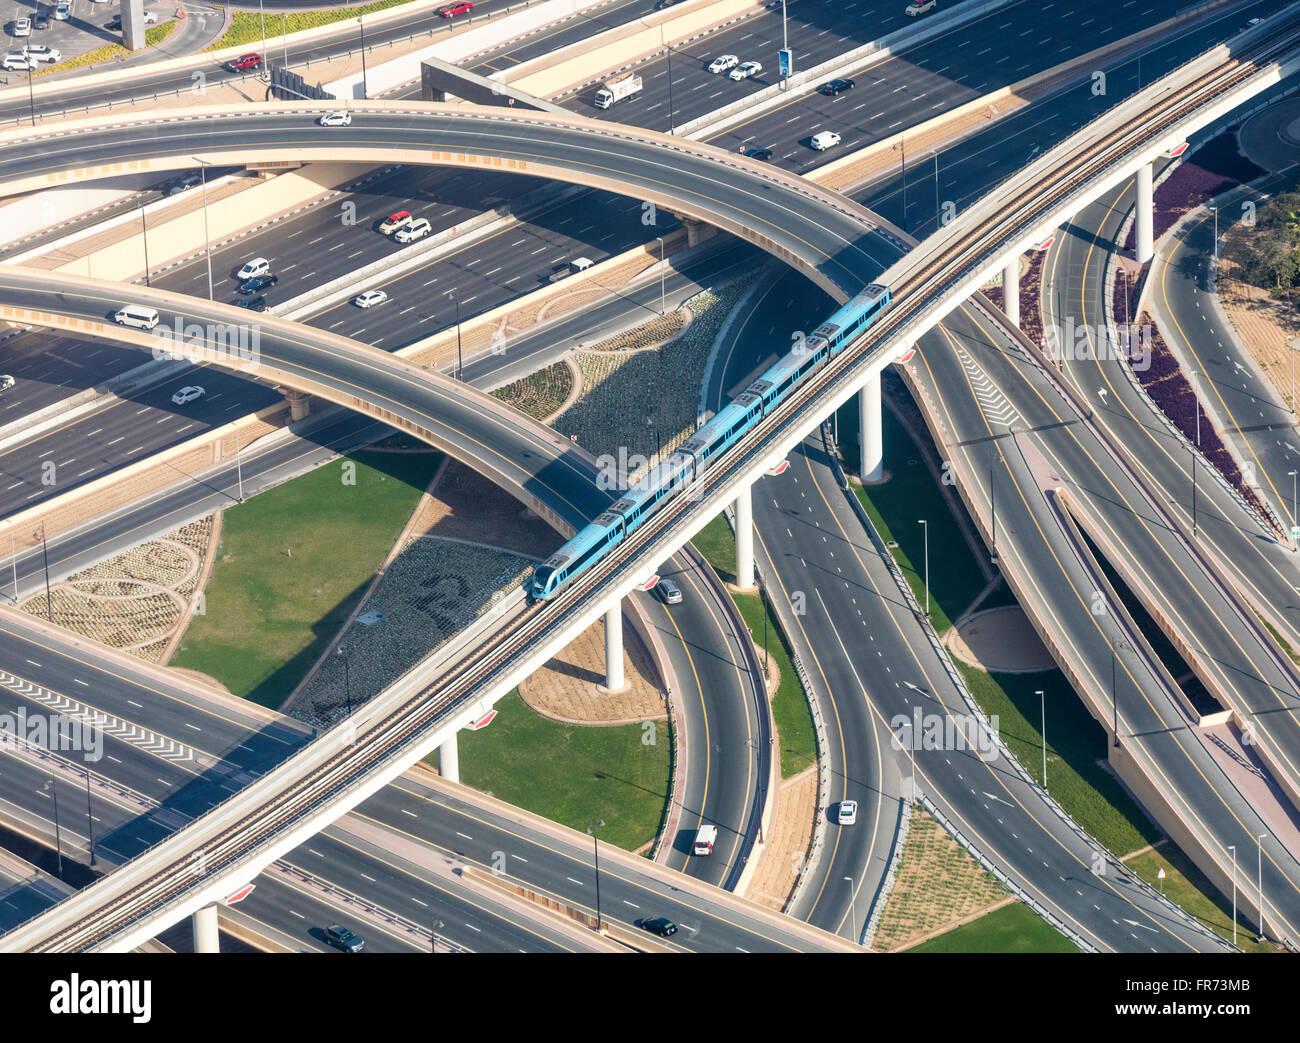 Autobahnen, Rampen und s-Bahn in Dubai, VAE. Fotografiert vom Burj Khalifa Aussichtsplattform. Stockbild